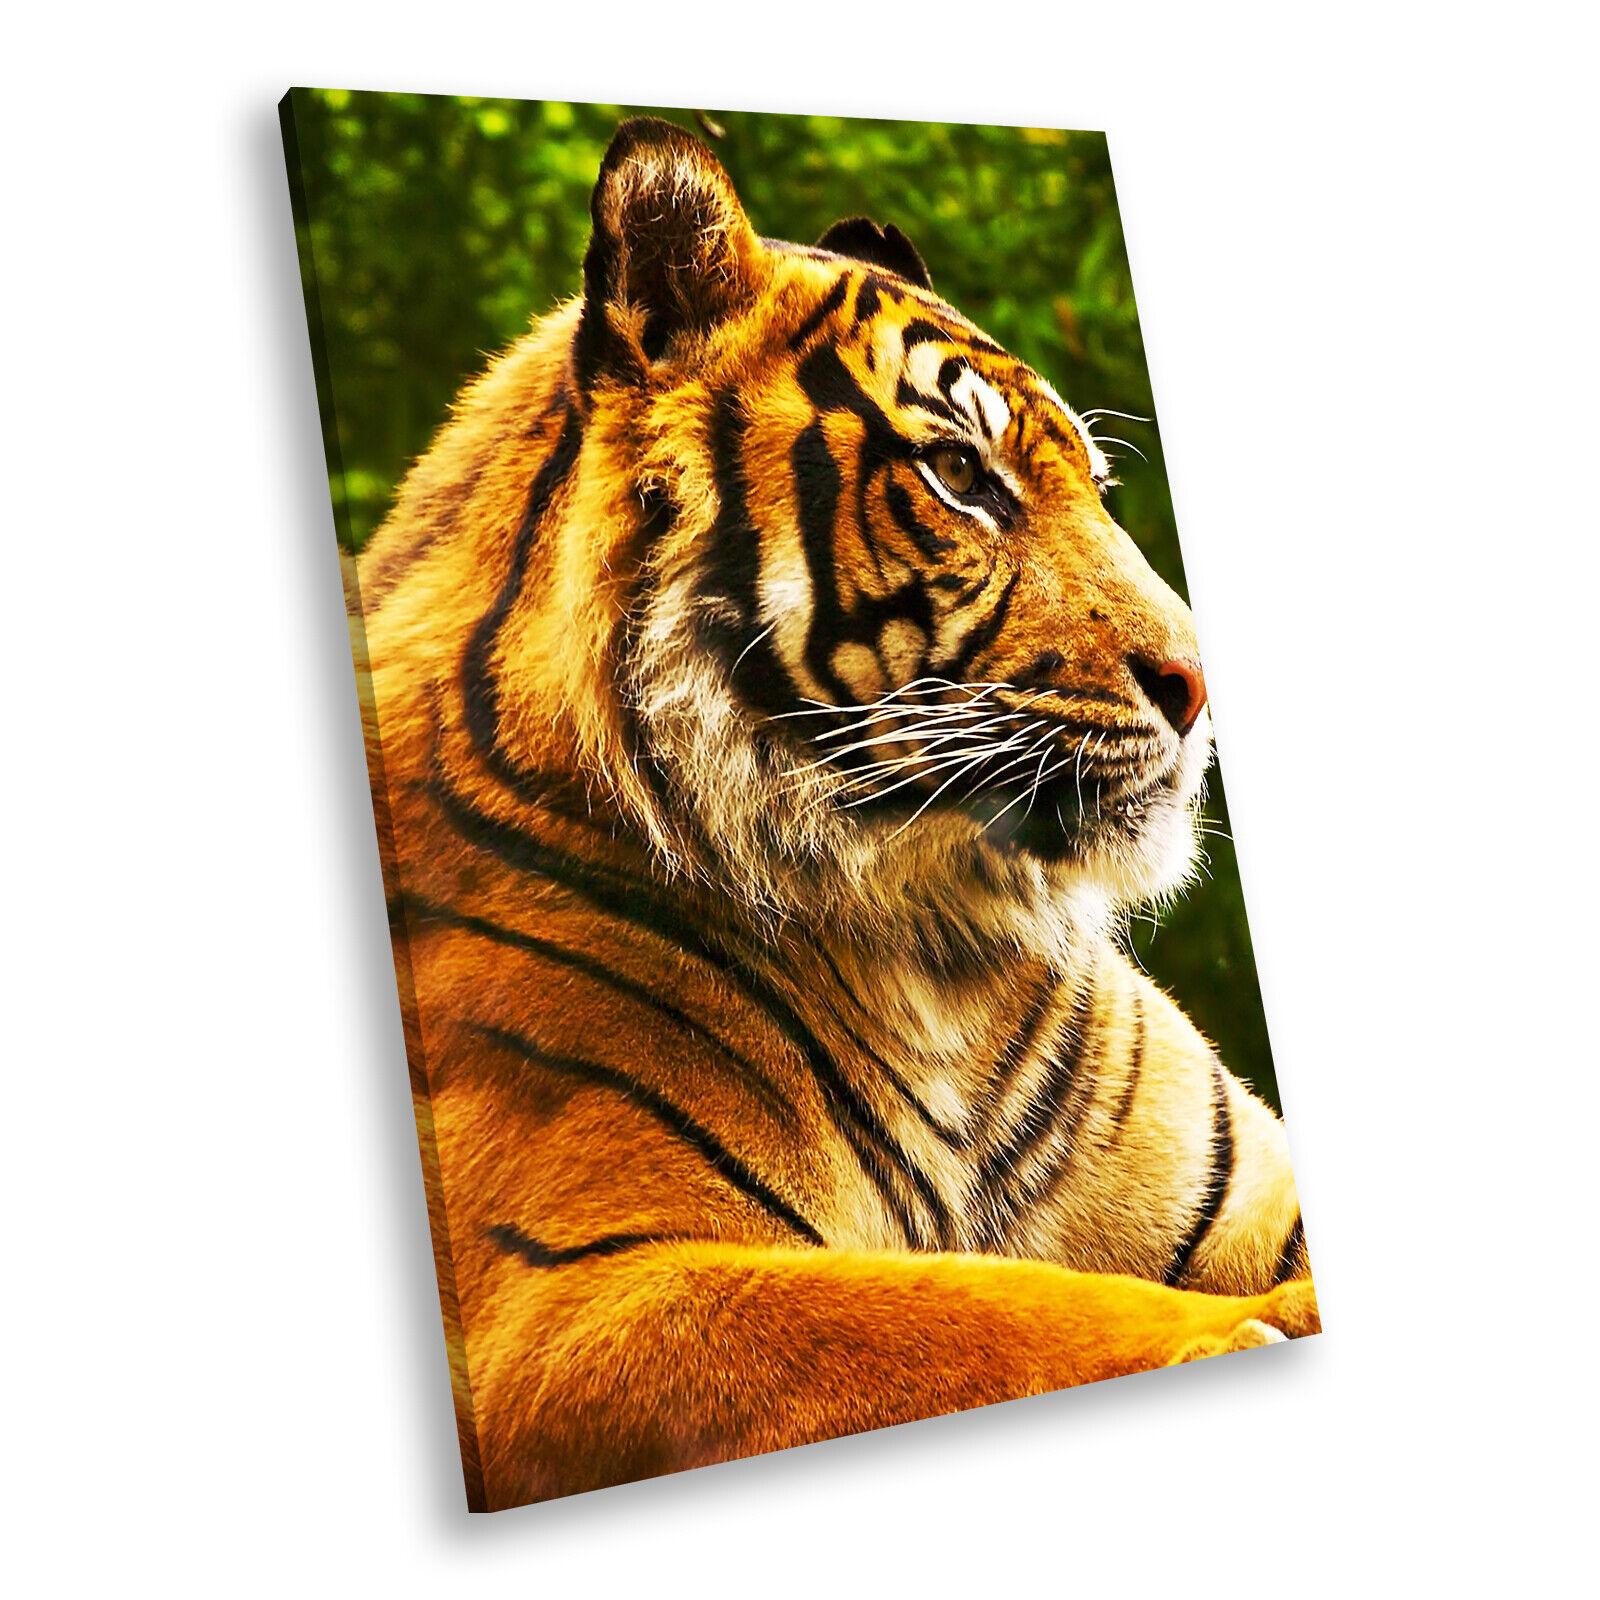 Orange Tiger Grün Forest Portrait Animal Canvas Wall Art Large Picture Prints